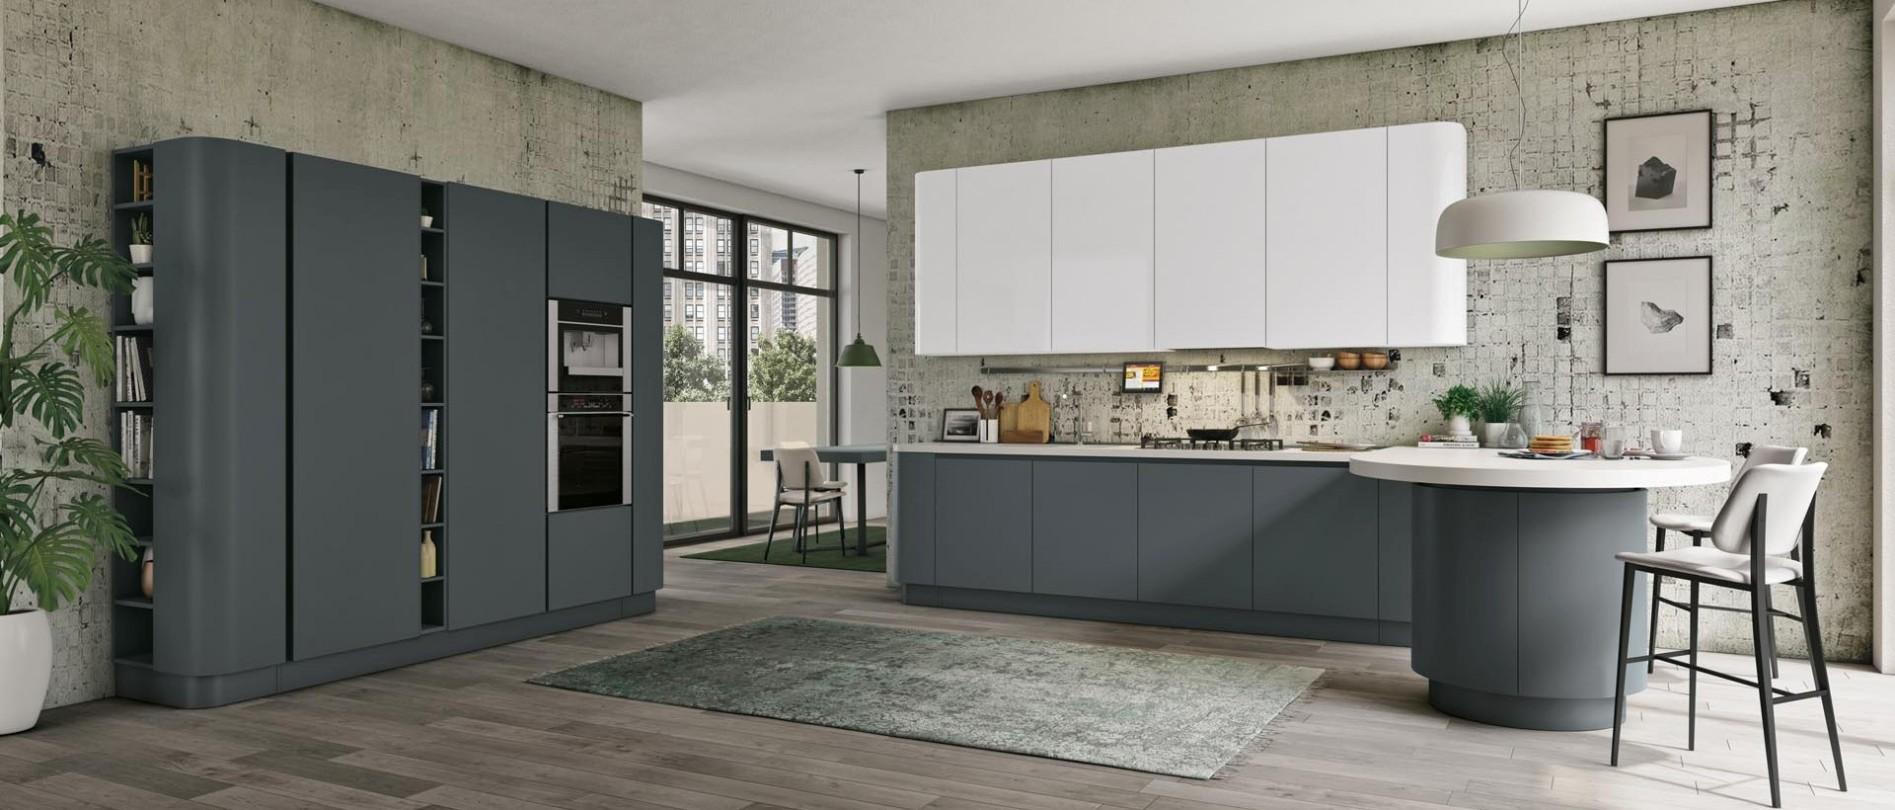 Einbauküche Clover Home. Klassische Küche Pantheon · Einbauküchen Modern. Italienische  Möbel Paratore